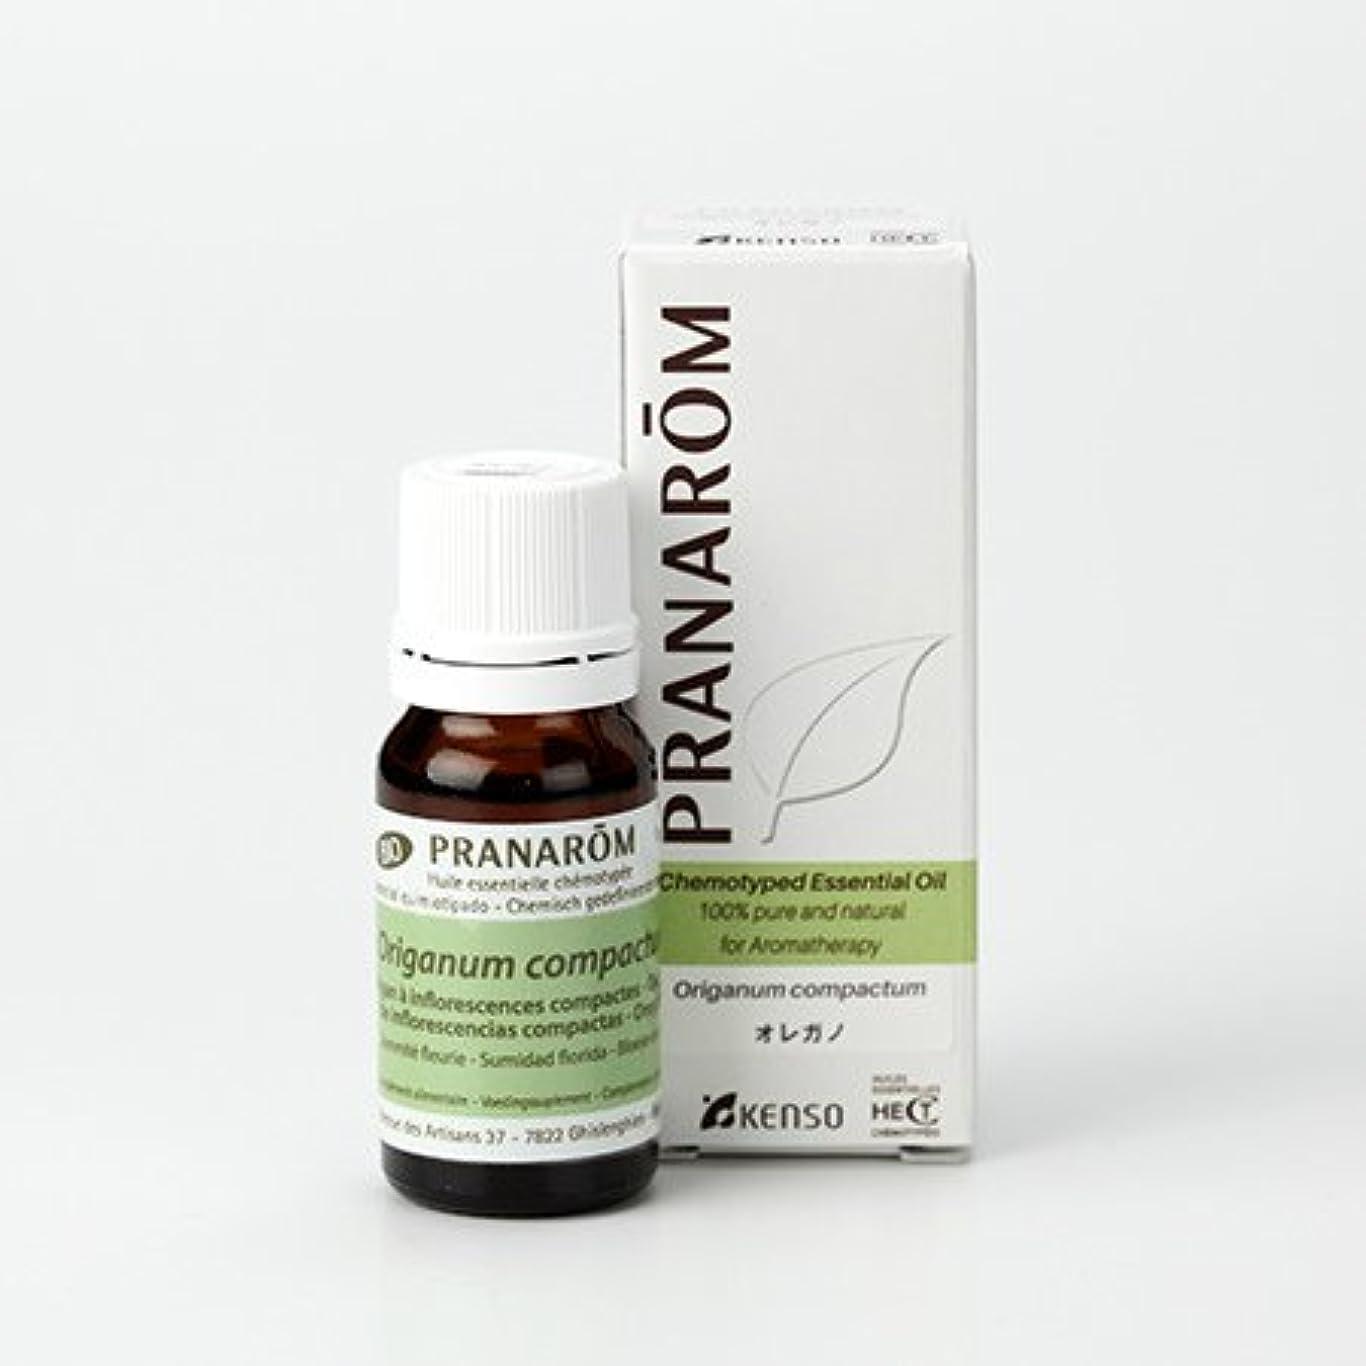 完璧な立法クラシックプラナロム オレガノ 10ml (PRANAROM ケモタイプ精油)